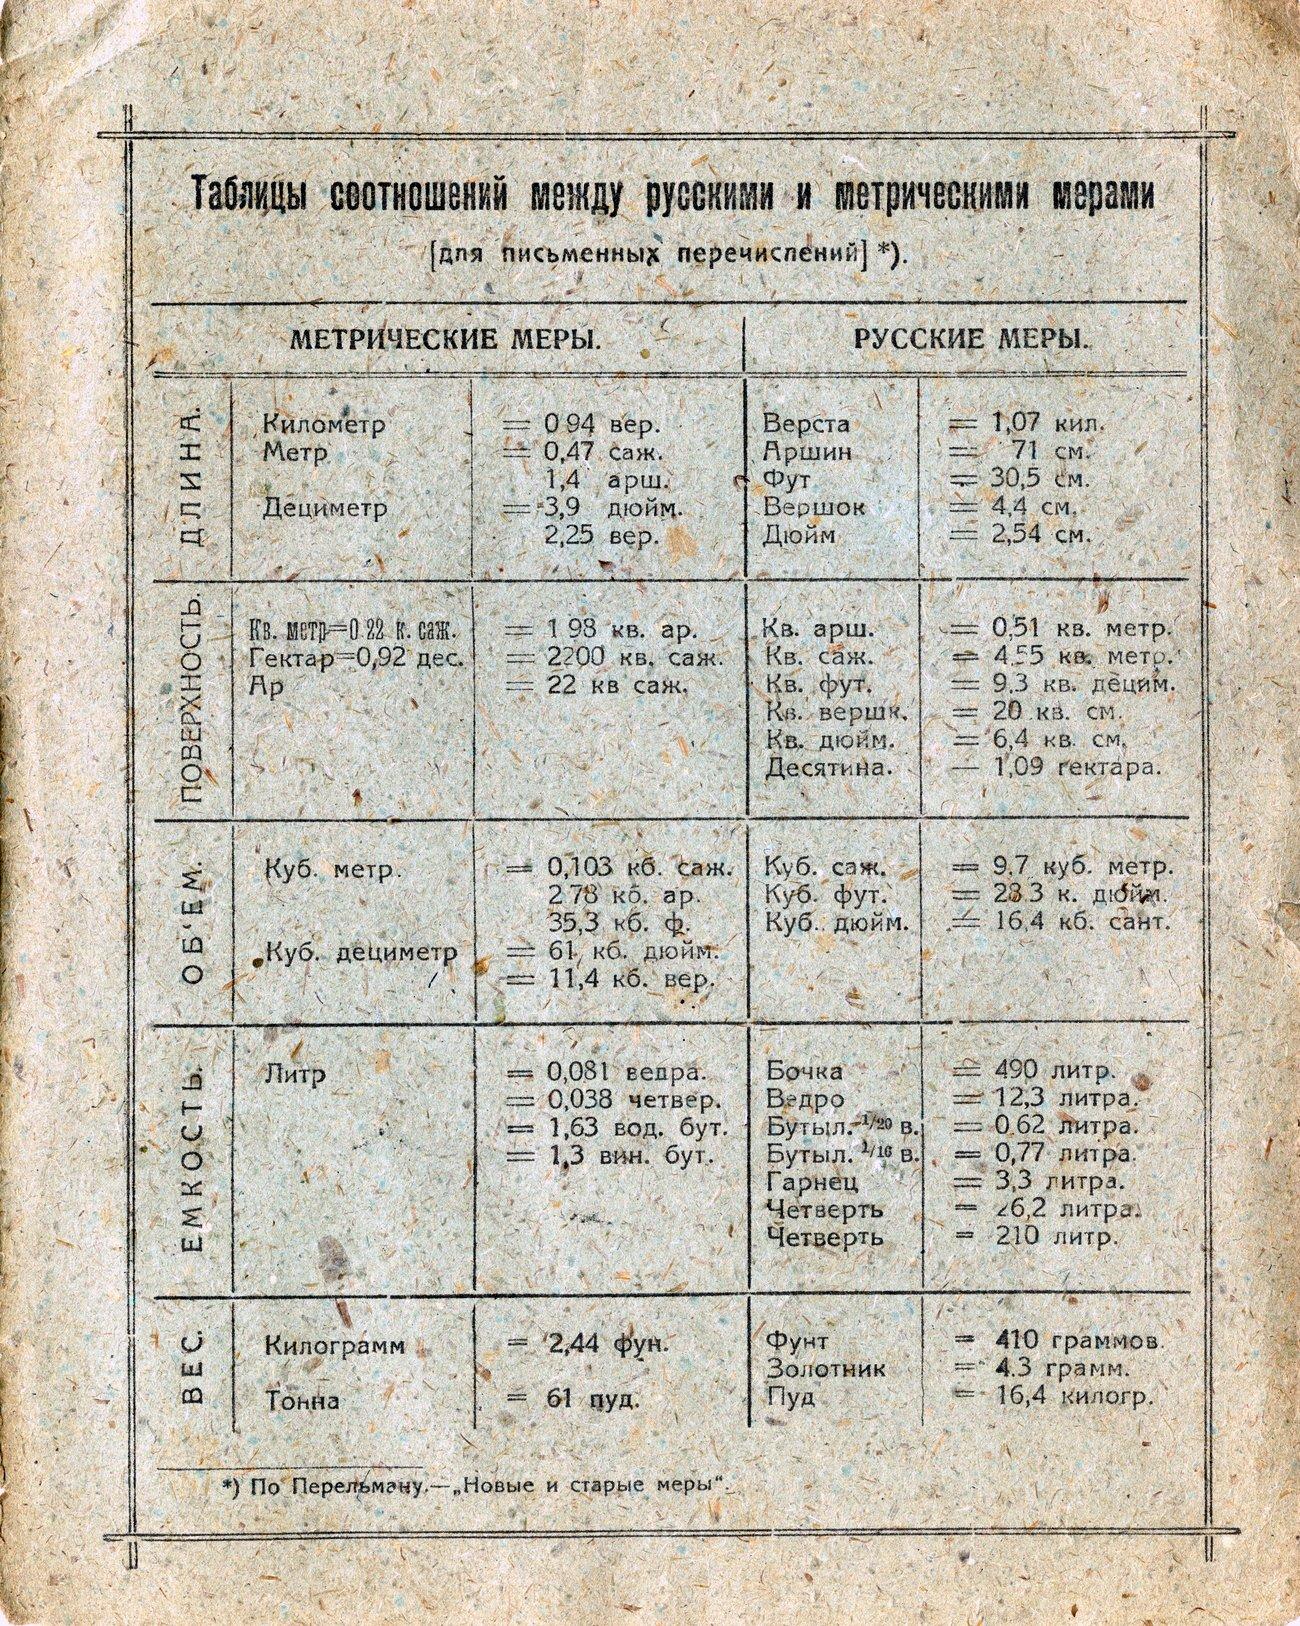 Губоно Саратов, 1928, стр. 3